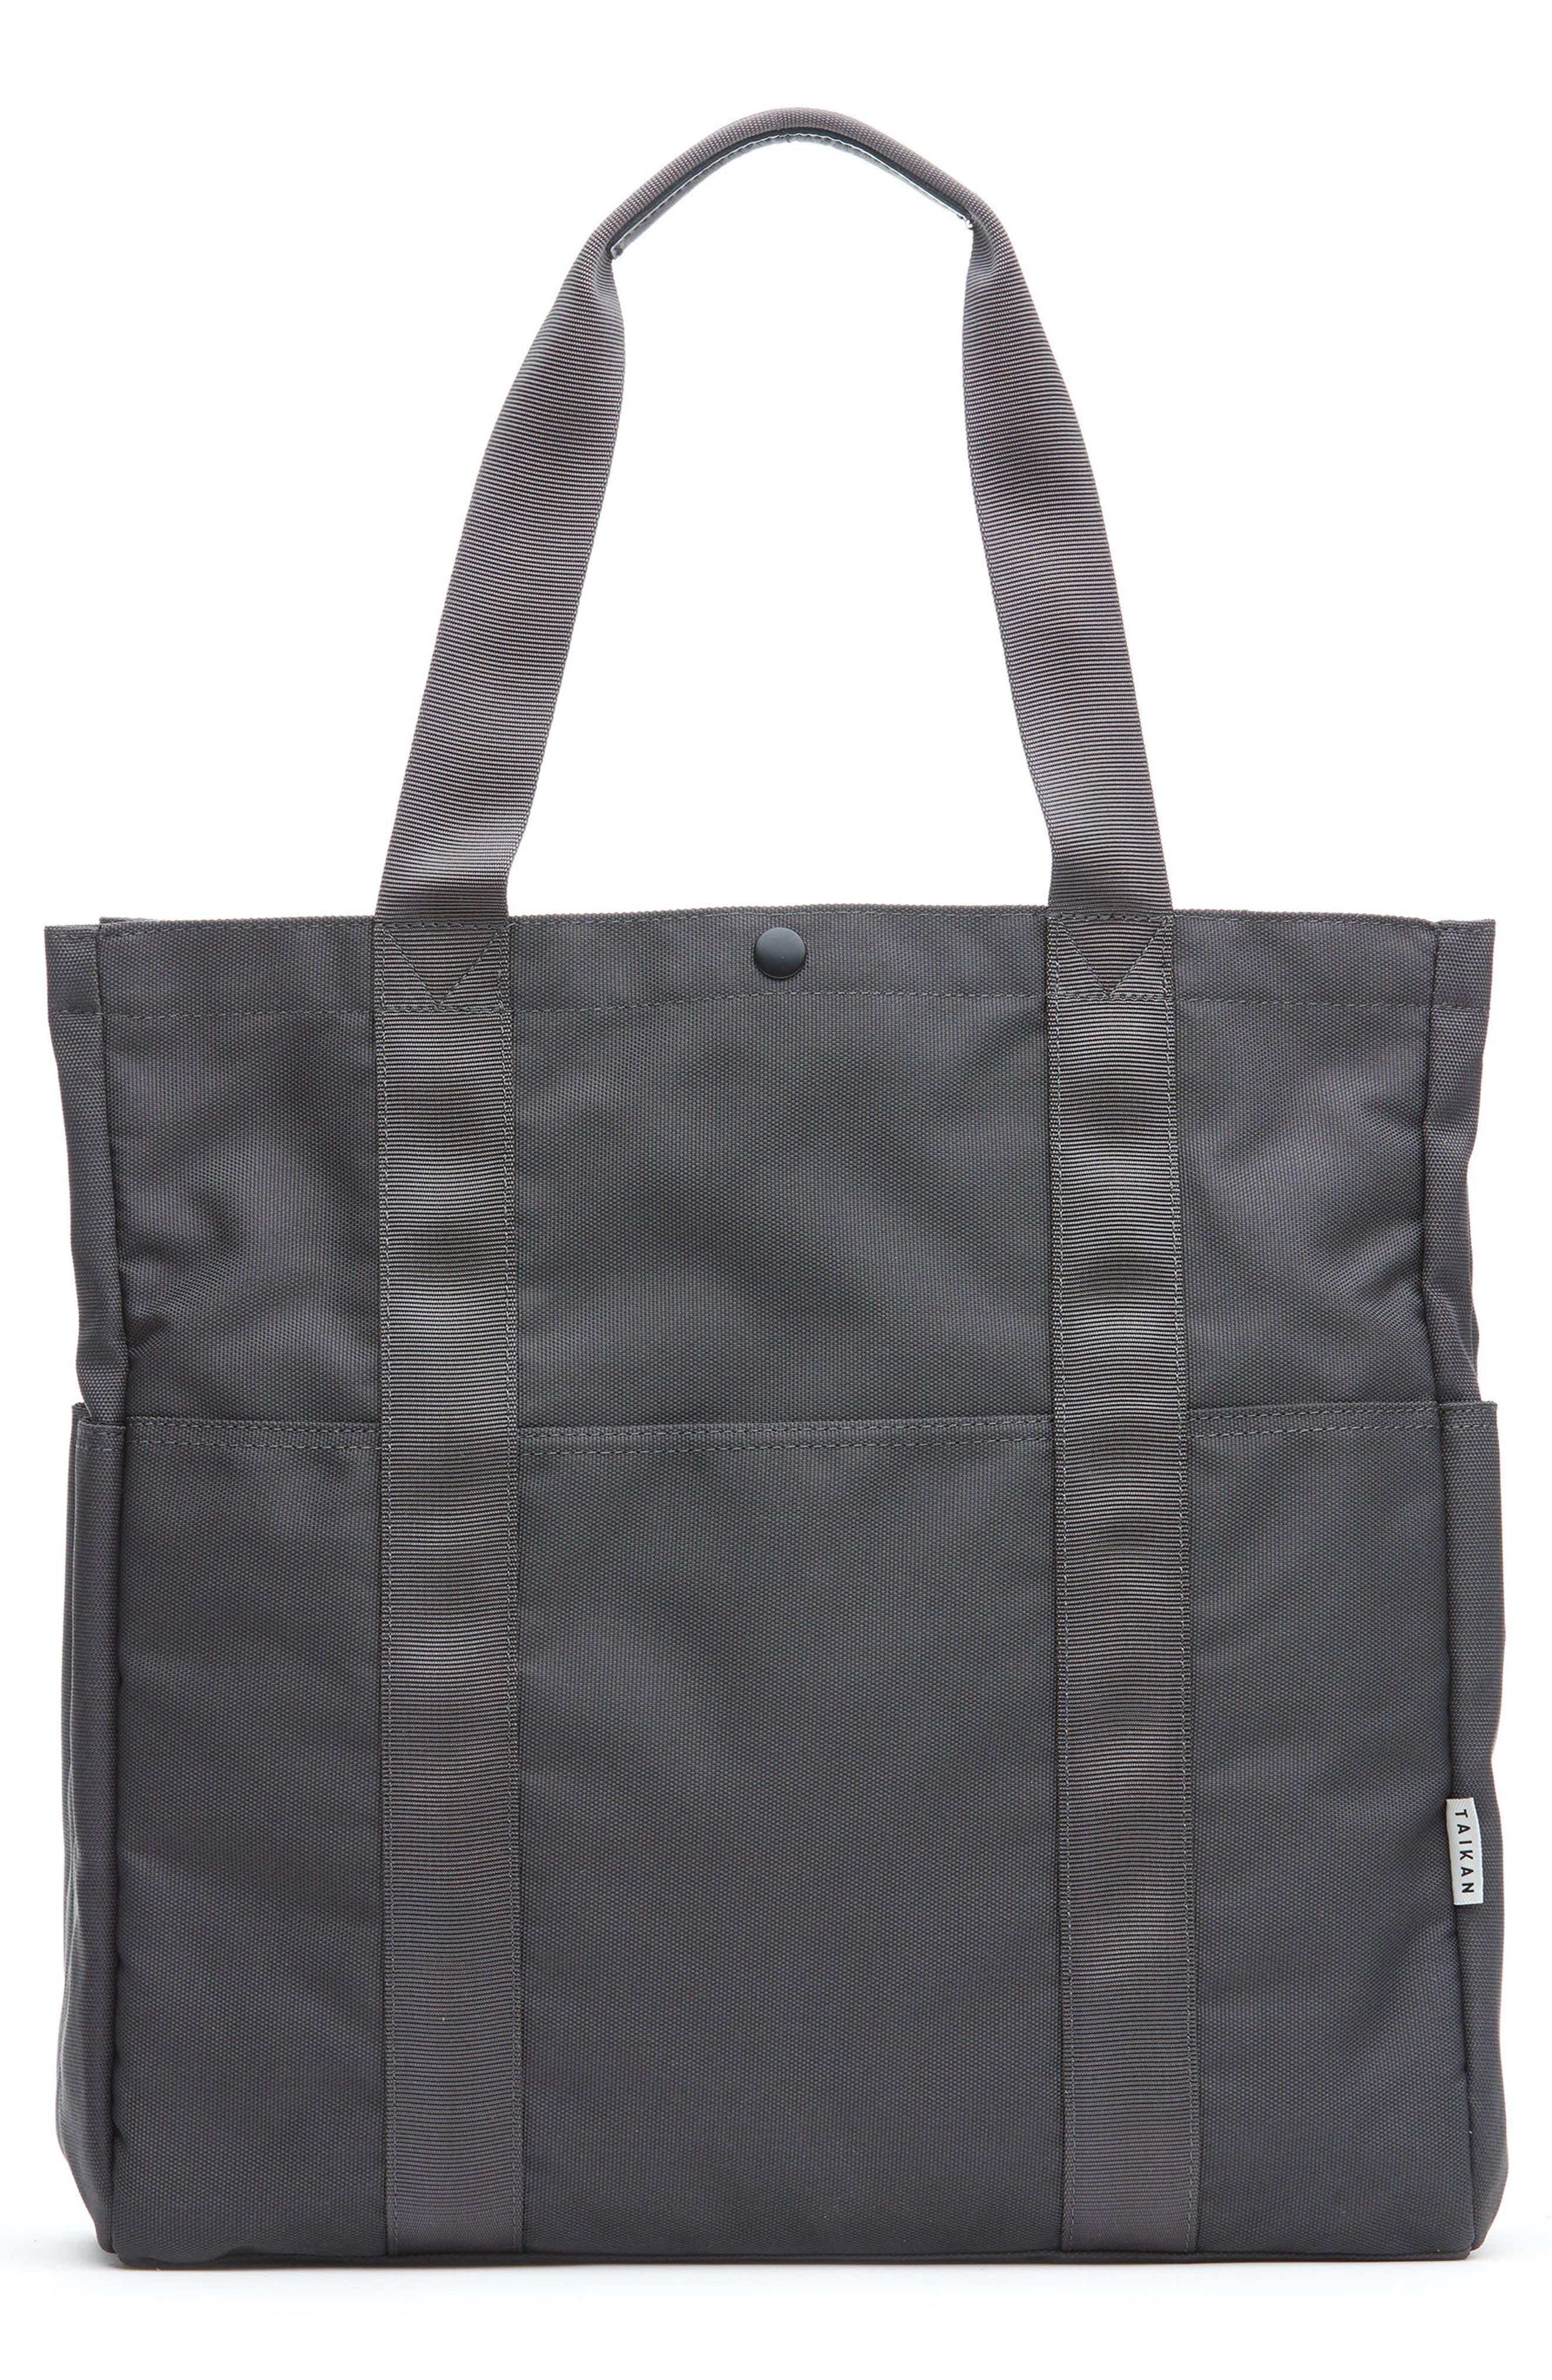 Main Image - Taikan Tote Bag